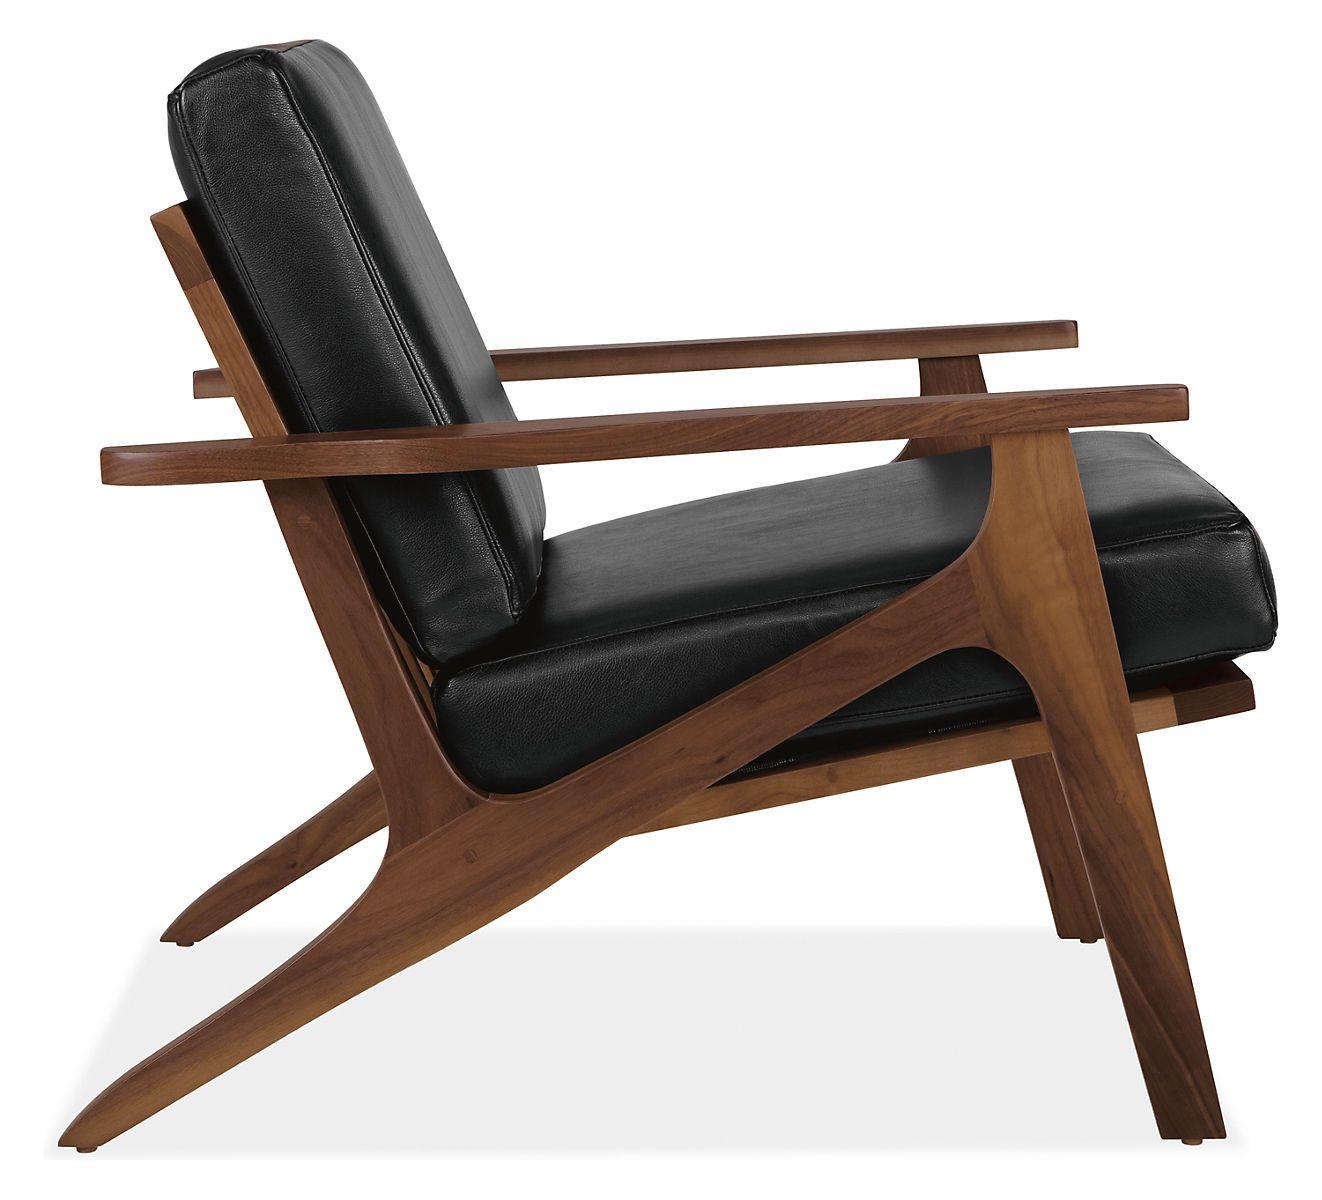 Merveilleux Sanna Leather Chair